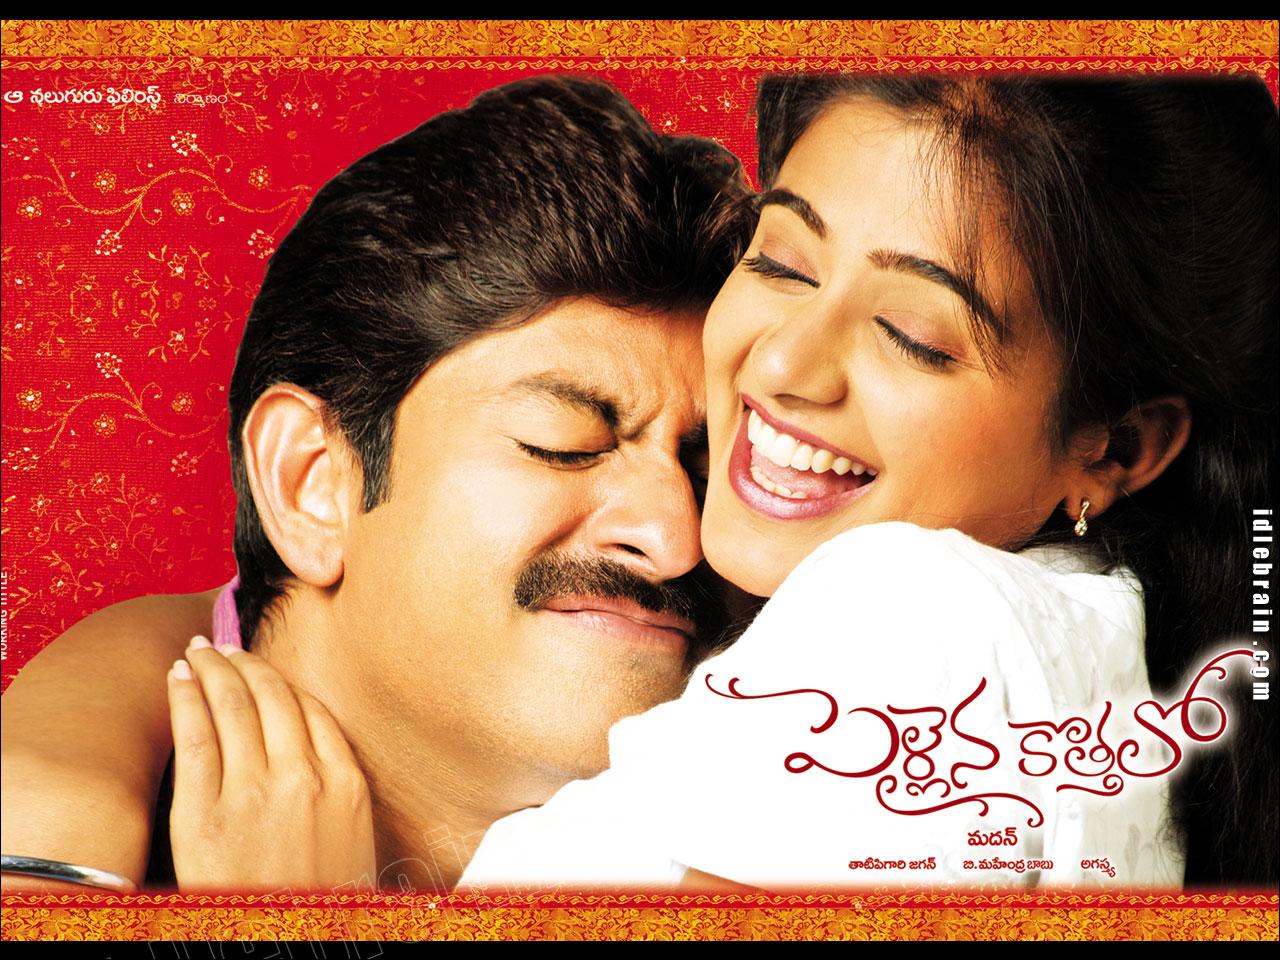 Telugu All Heroines Pictures Wallpapers: Telugu Cinema Stills Telugu